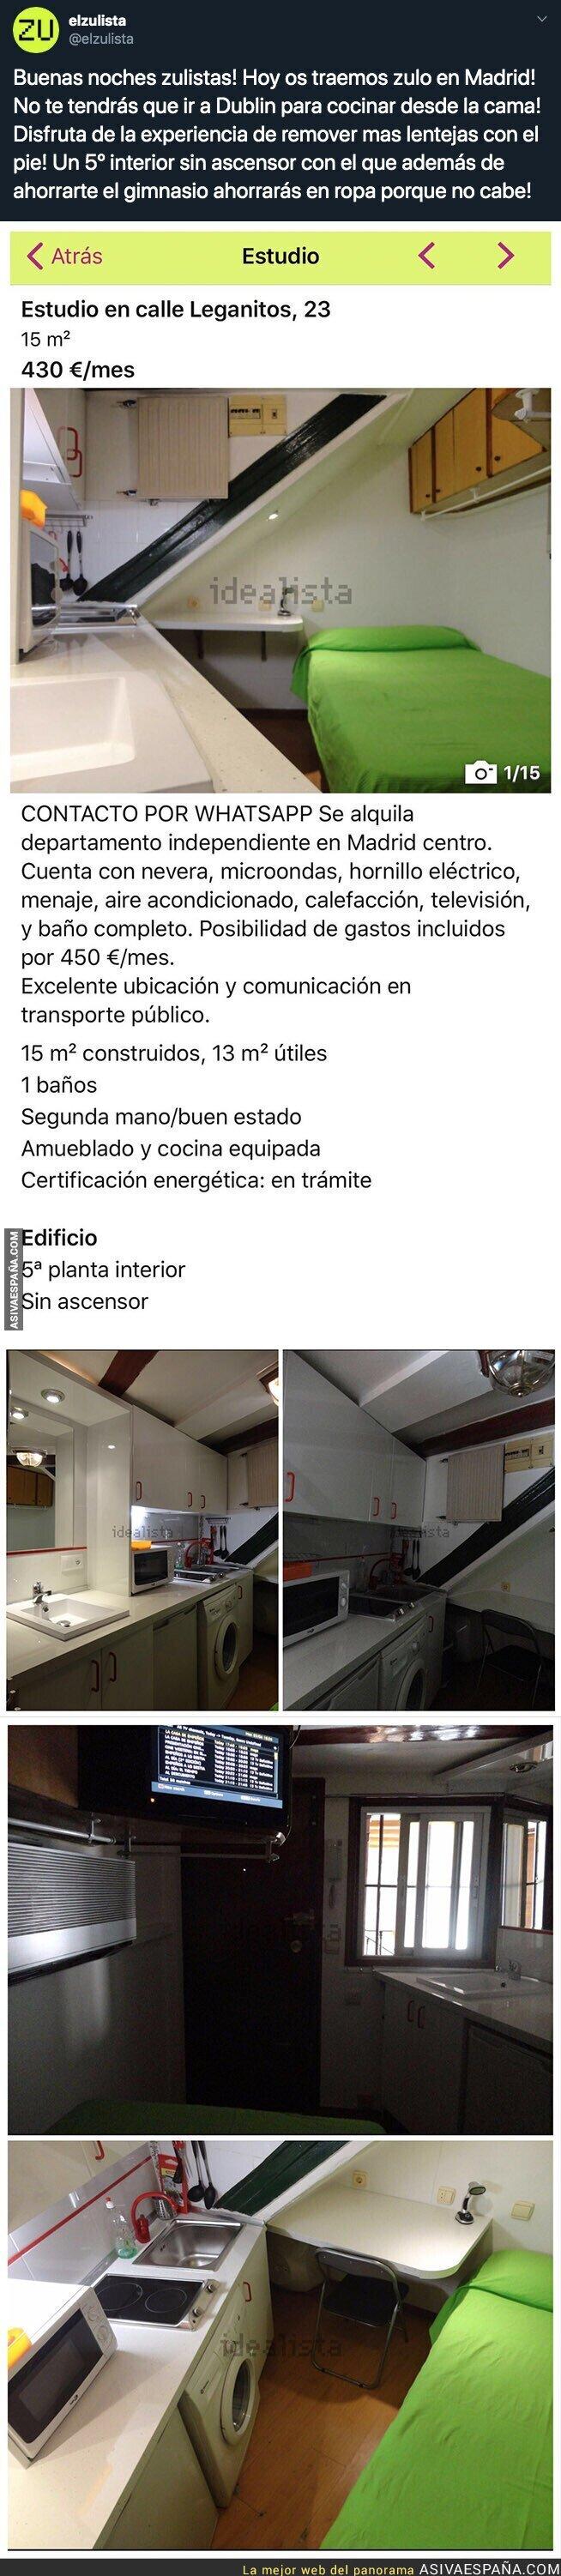 121610 - El denunciable piso que se alquila en Madrid de 15m2 por este abusivo precio